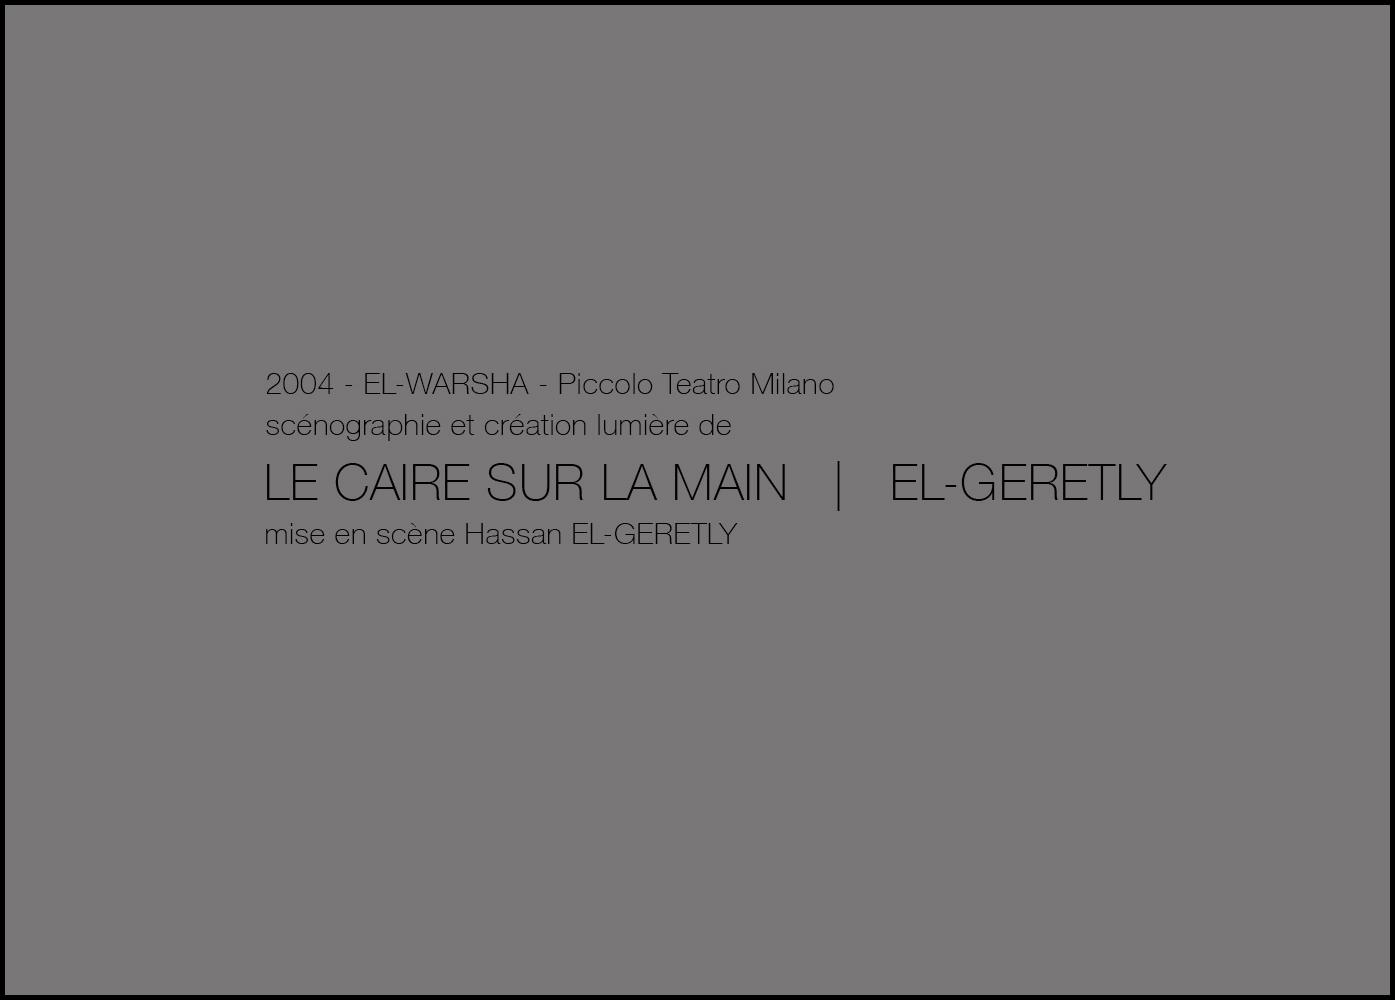 00_2004_Caire-sur-la-main-